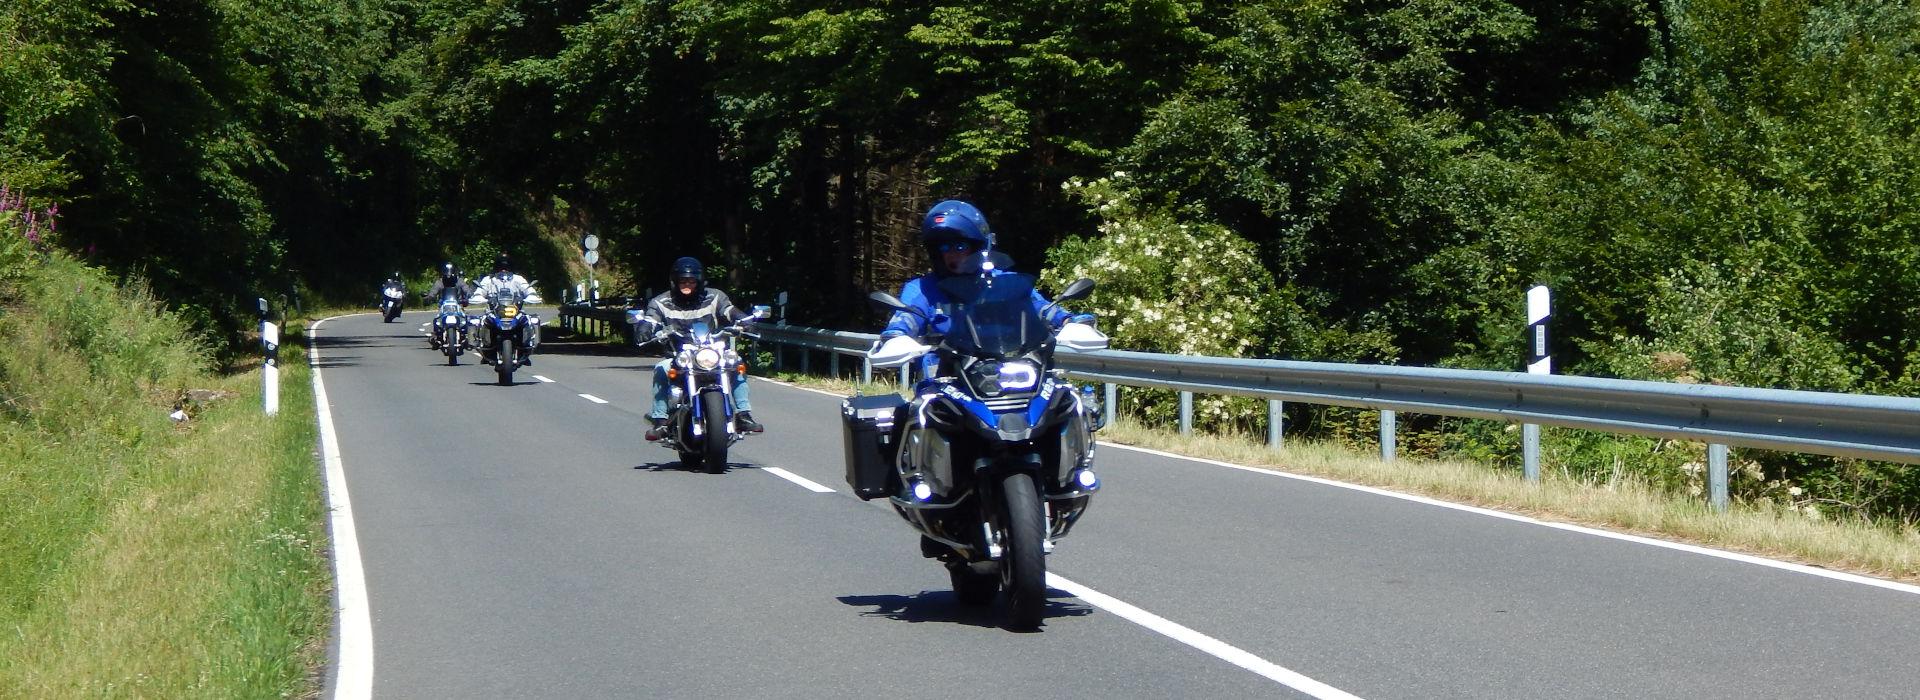 Motorrijbewijspoint Wagenberg snel motorrijbewijs halen